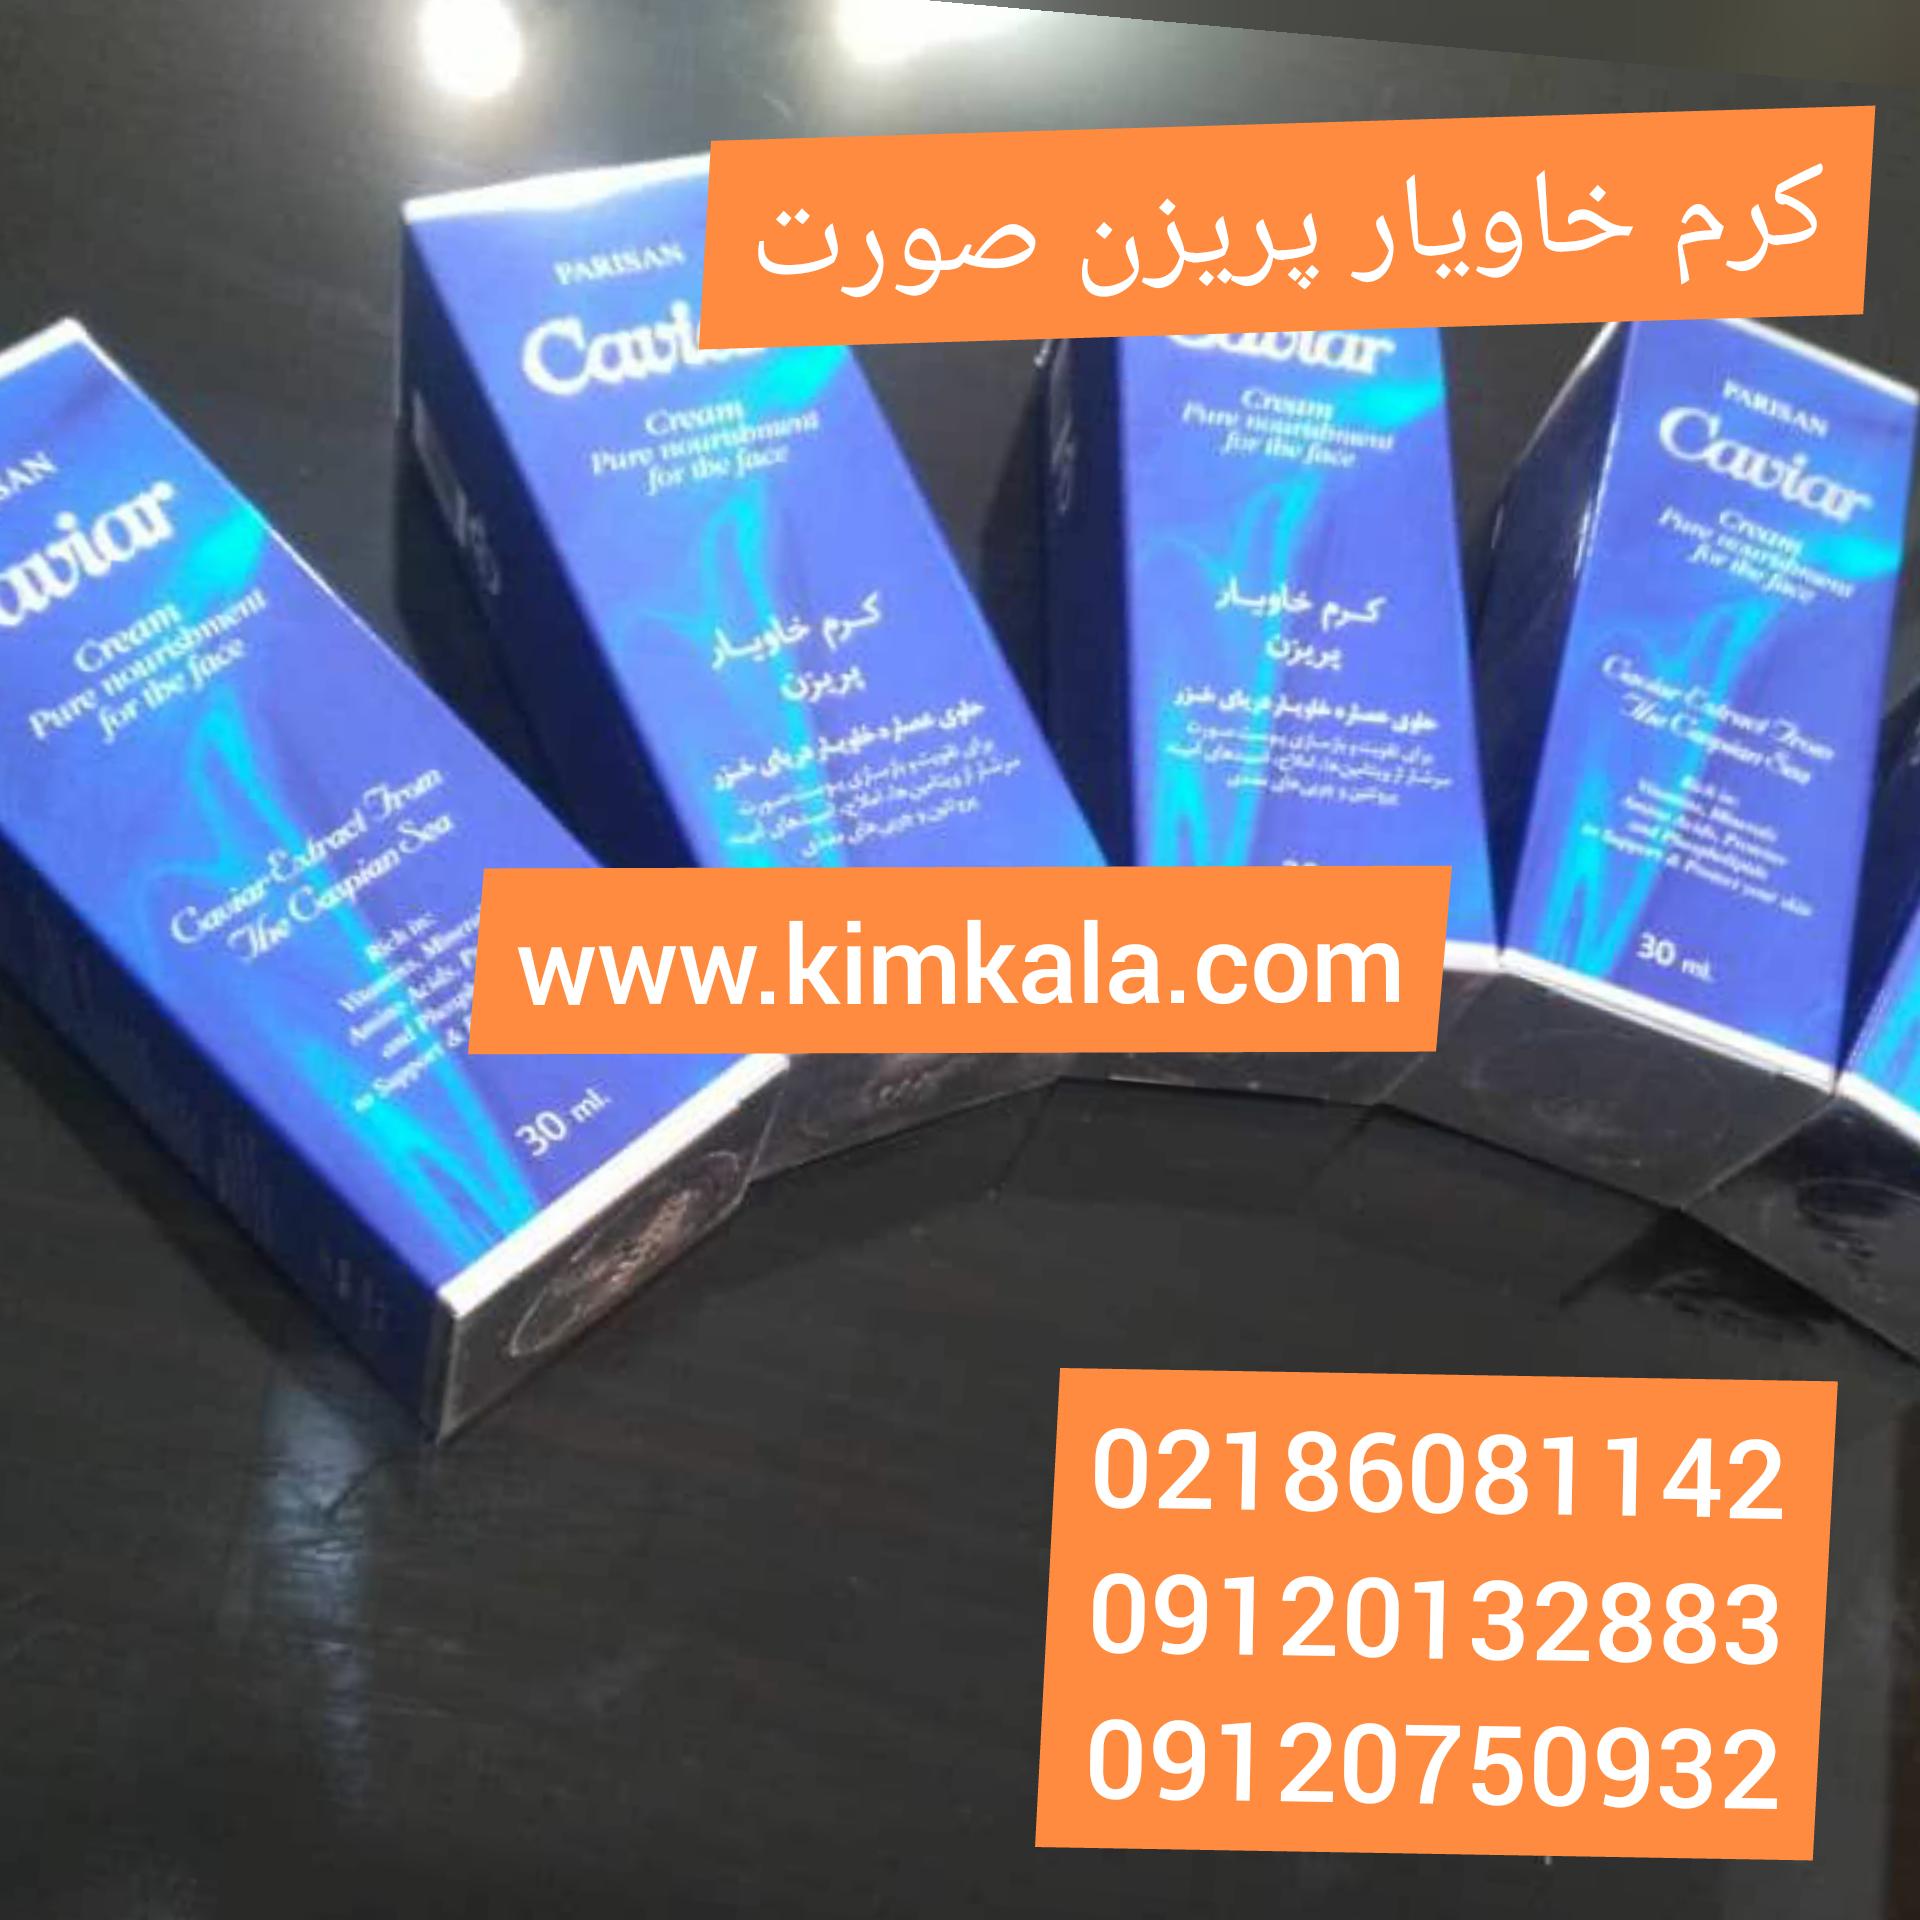 کرم خاویار پریزن/۰۹۱۲۰۱۳۲۸۸۳/قیمت کرم خاویار/درمان شل و افتادگی پوست